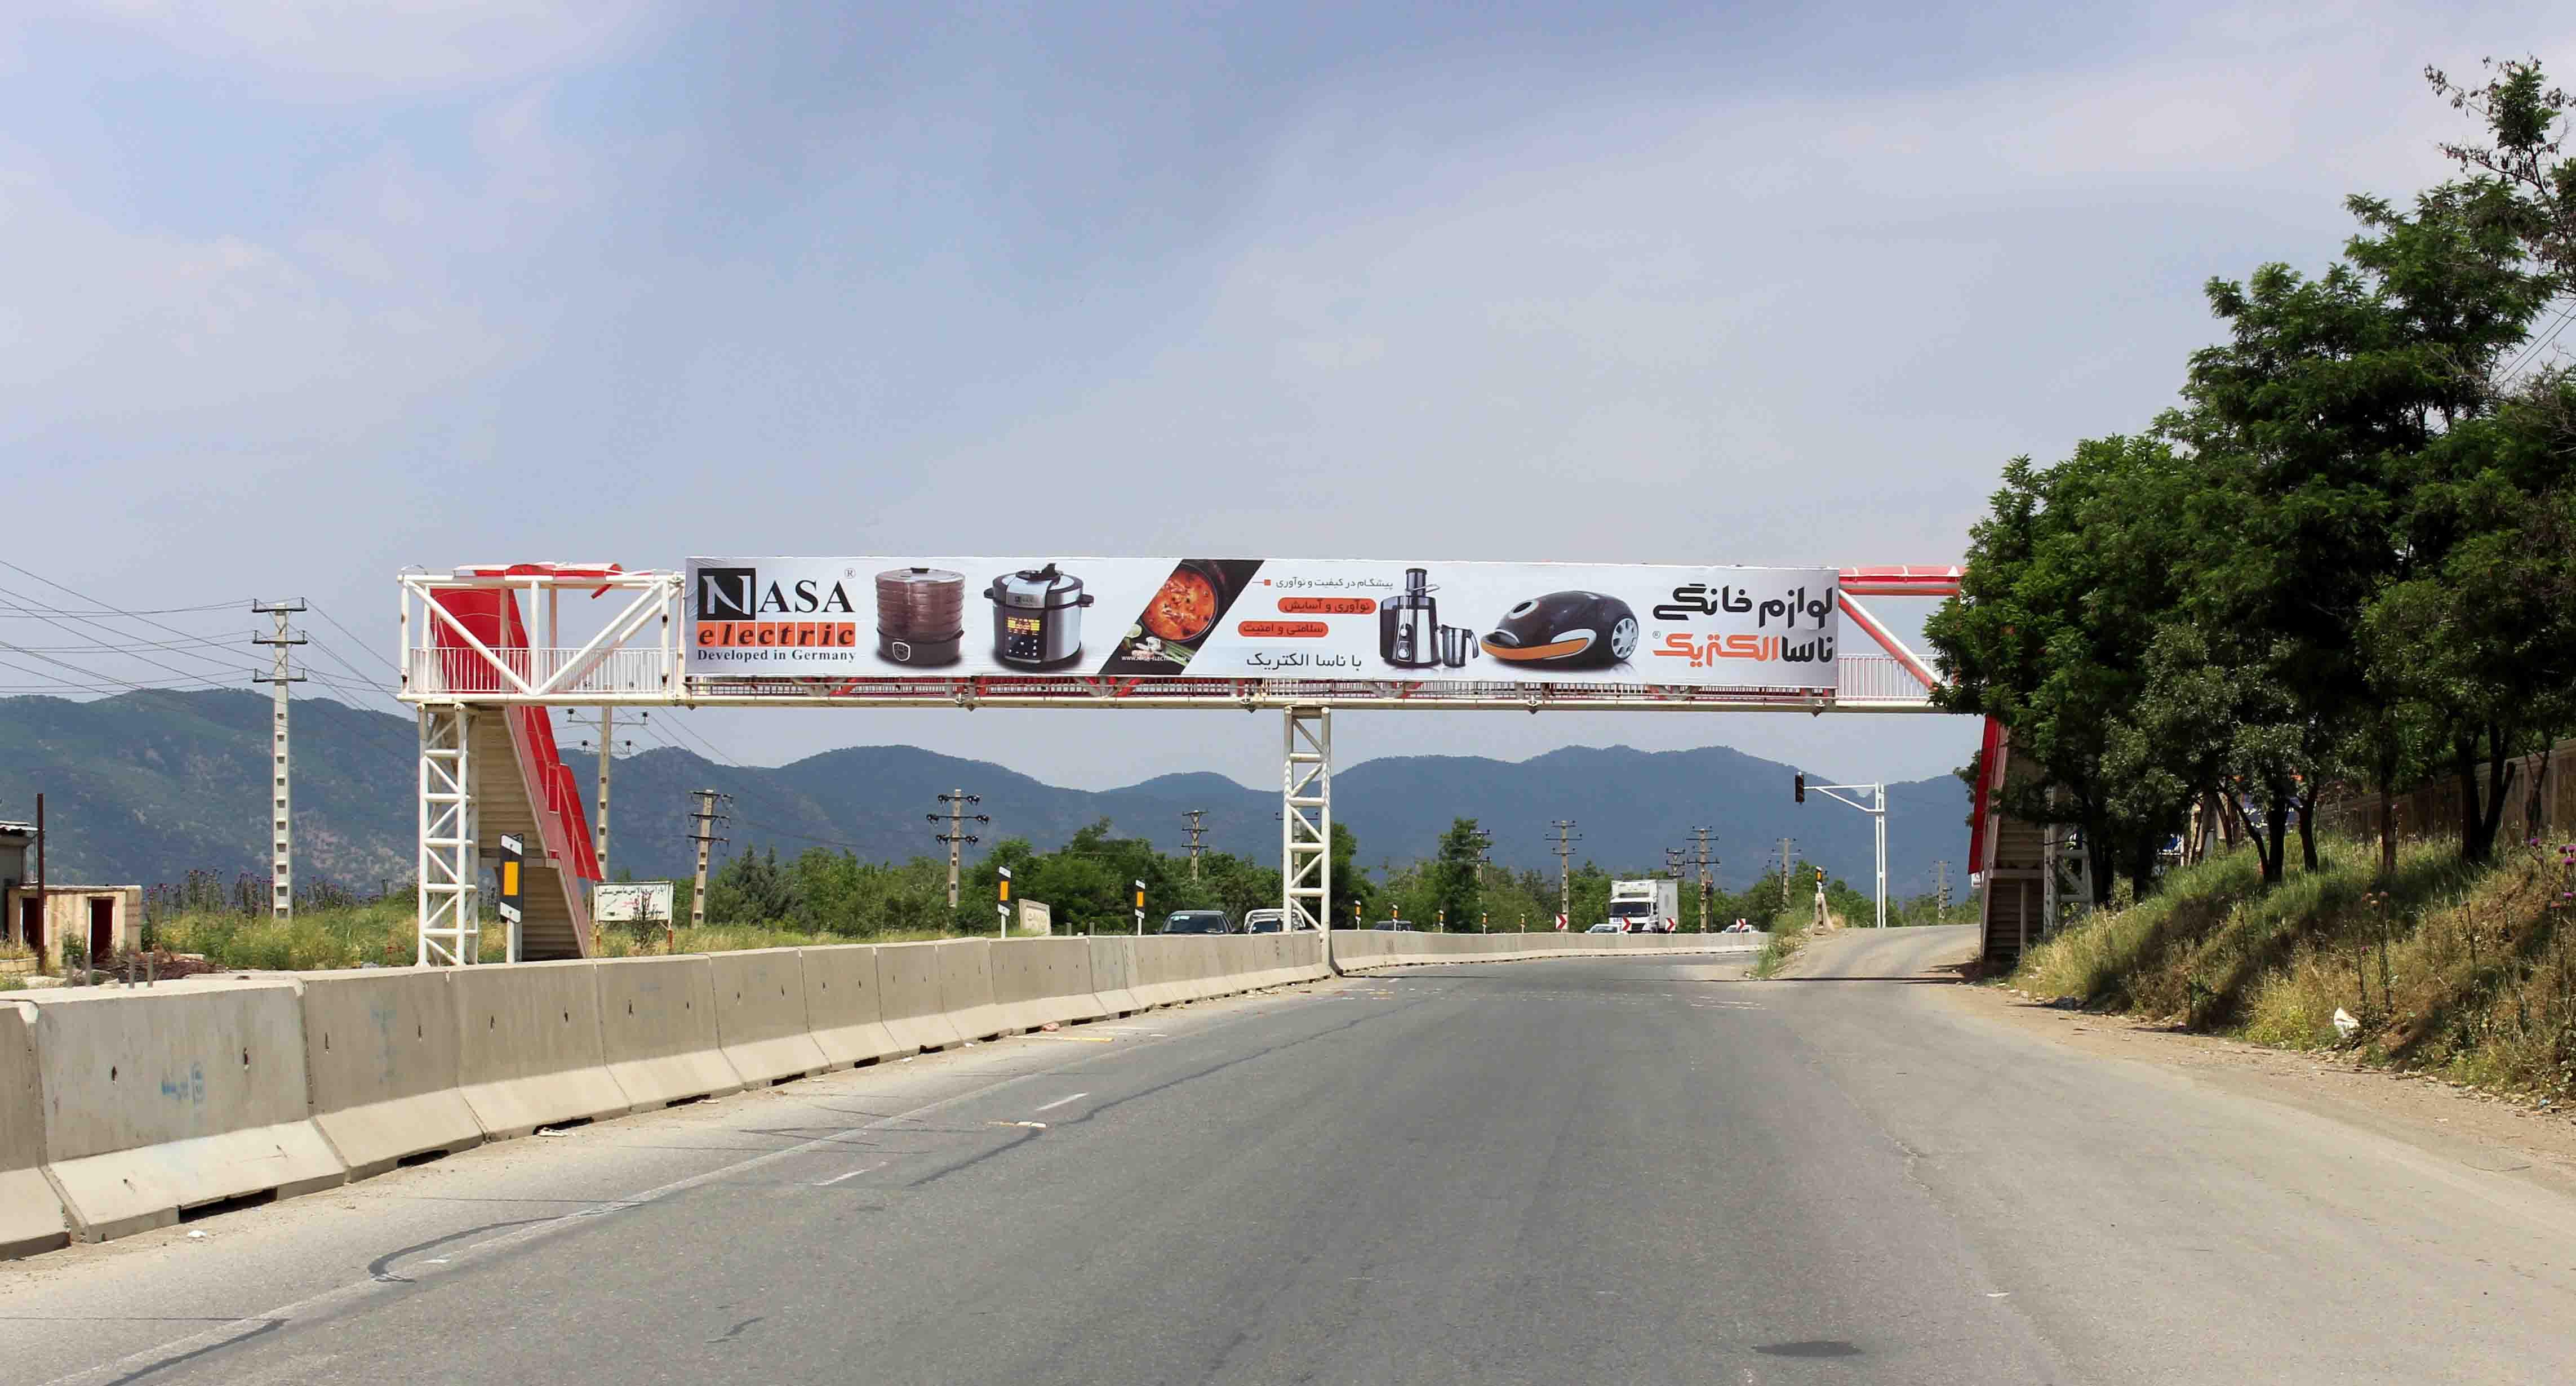 بیلبورد تبلیغاتی پل عابر پیاده محور سنندج ، مریوان پل عابر پیاده جنب دانشگاه آزاد